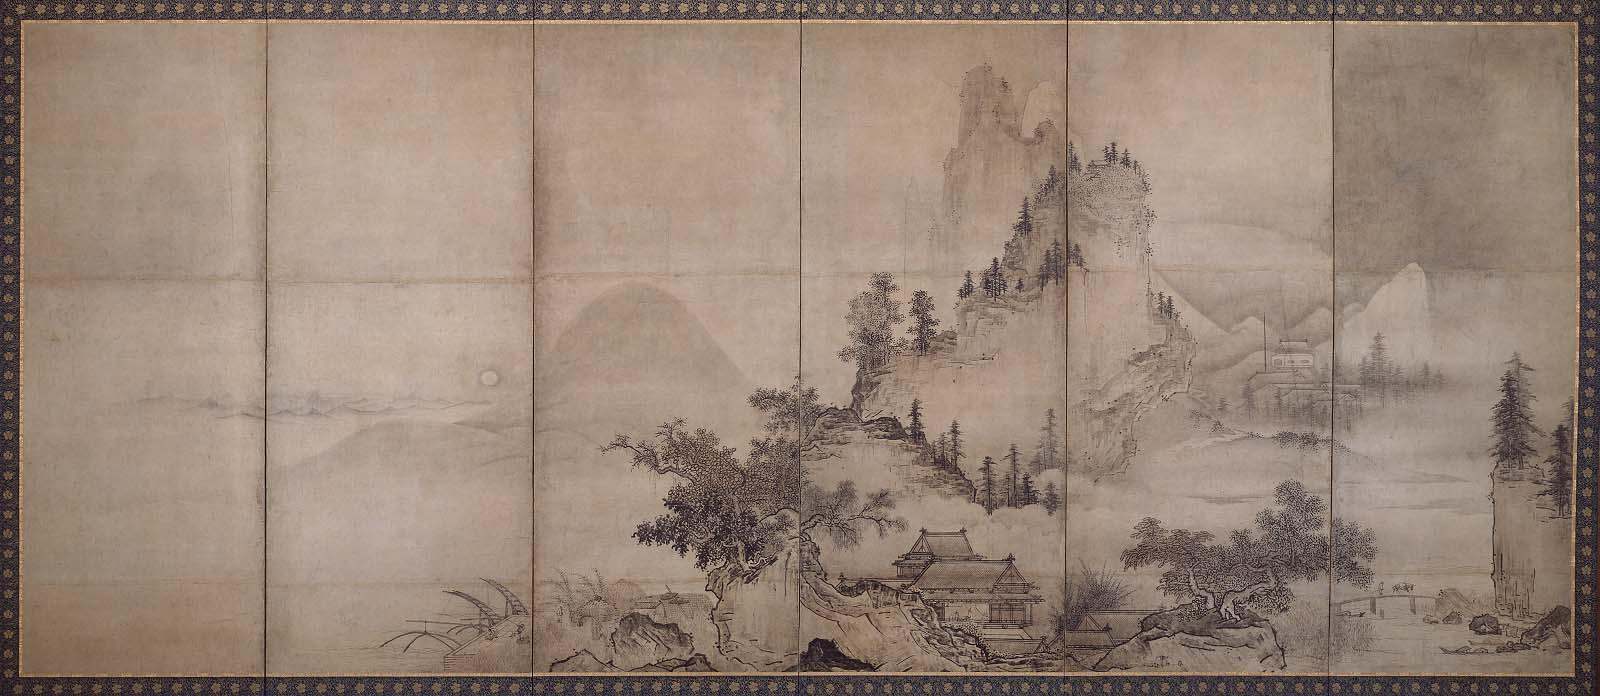 Ункоку ТоганSC186569.jpg